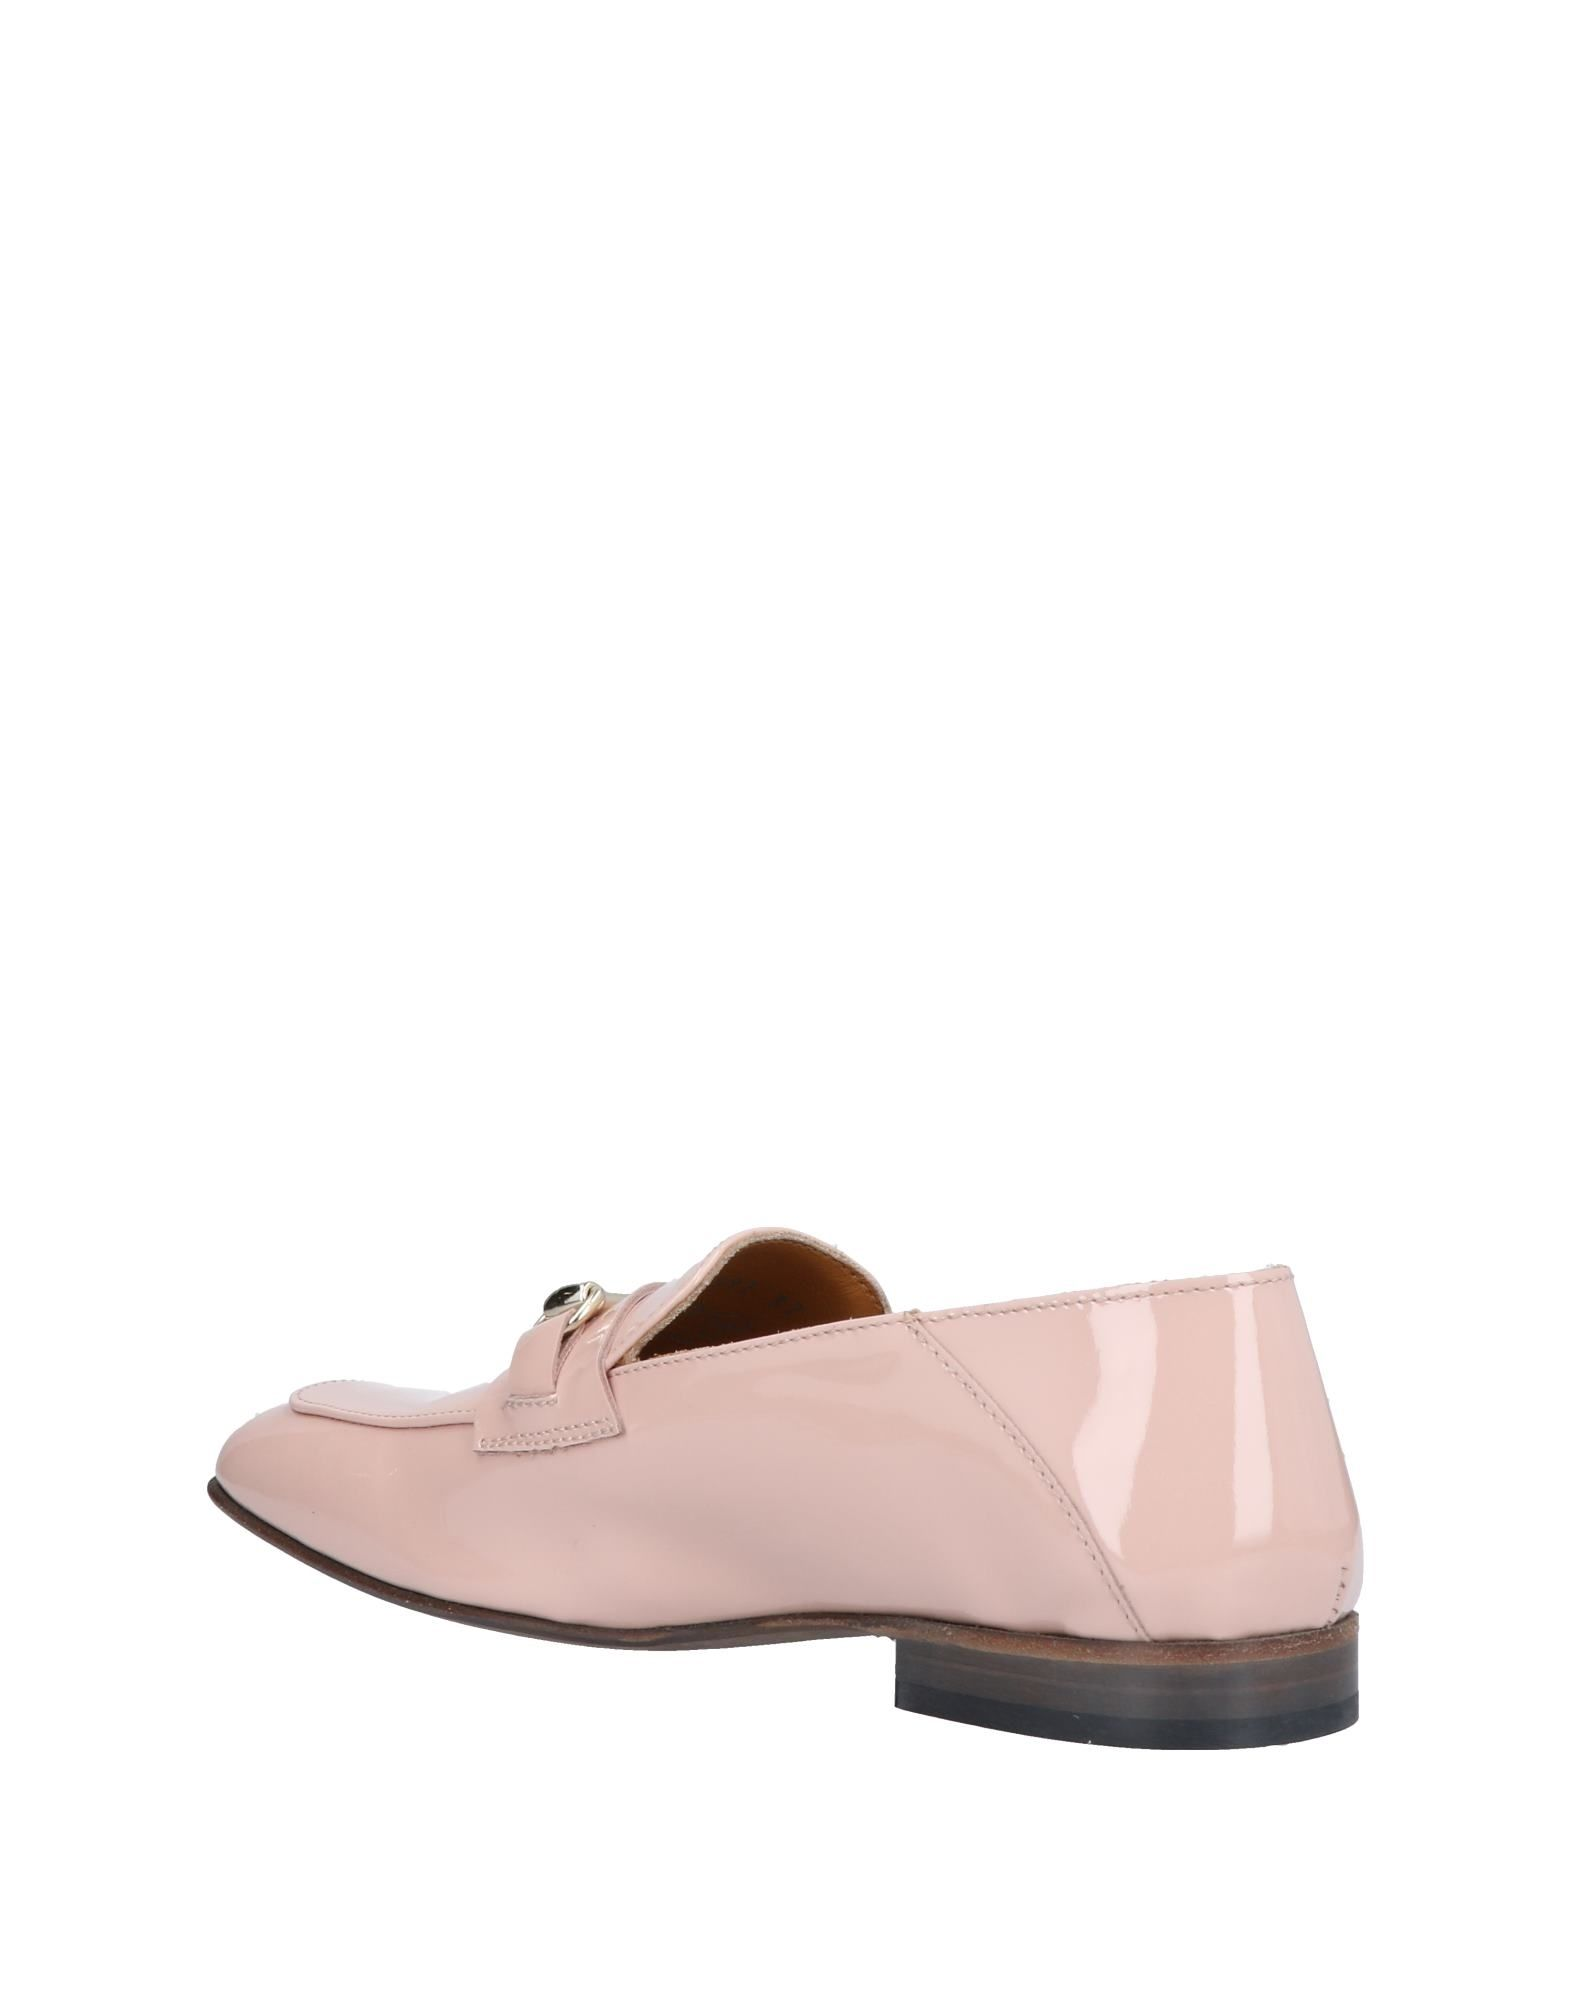 Günstige und modische Schuhe Boemos Mokassins Damen  11455723IB